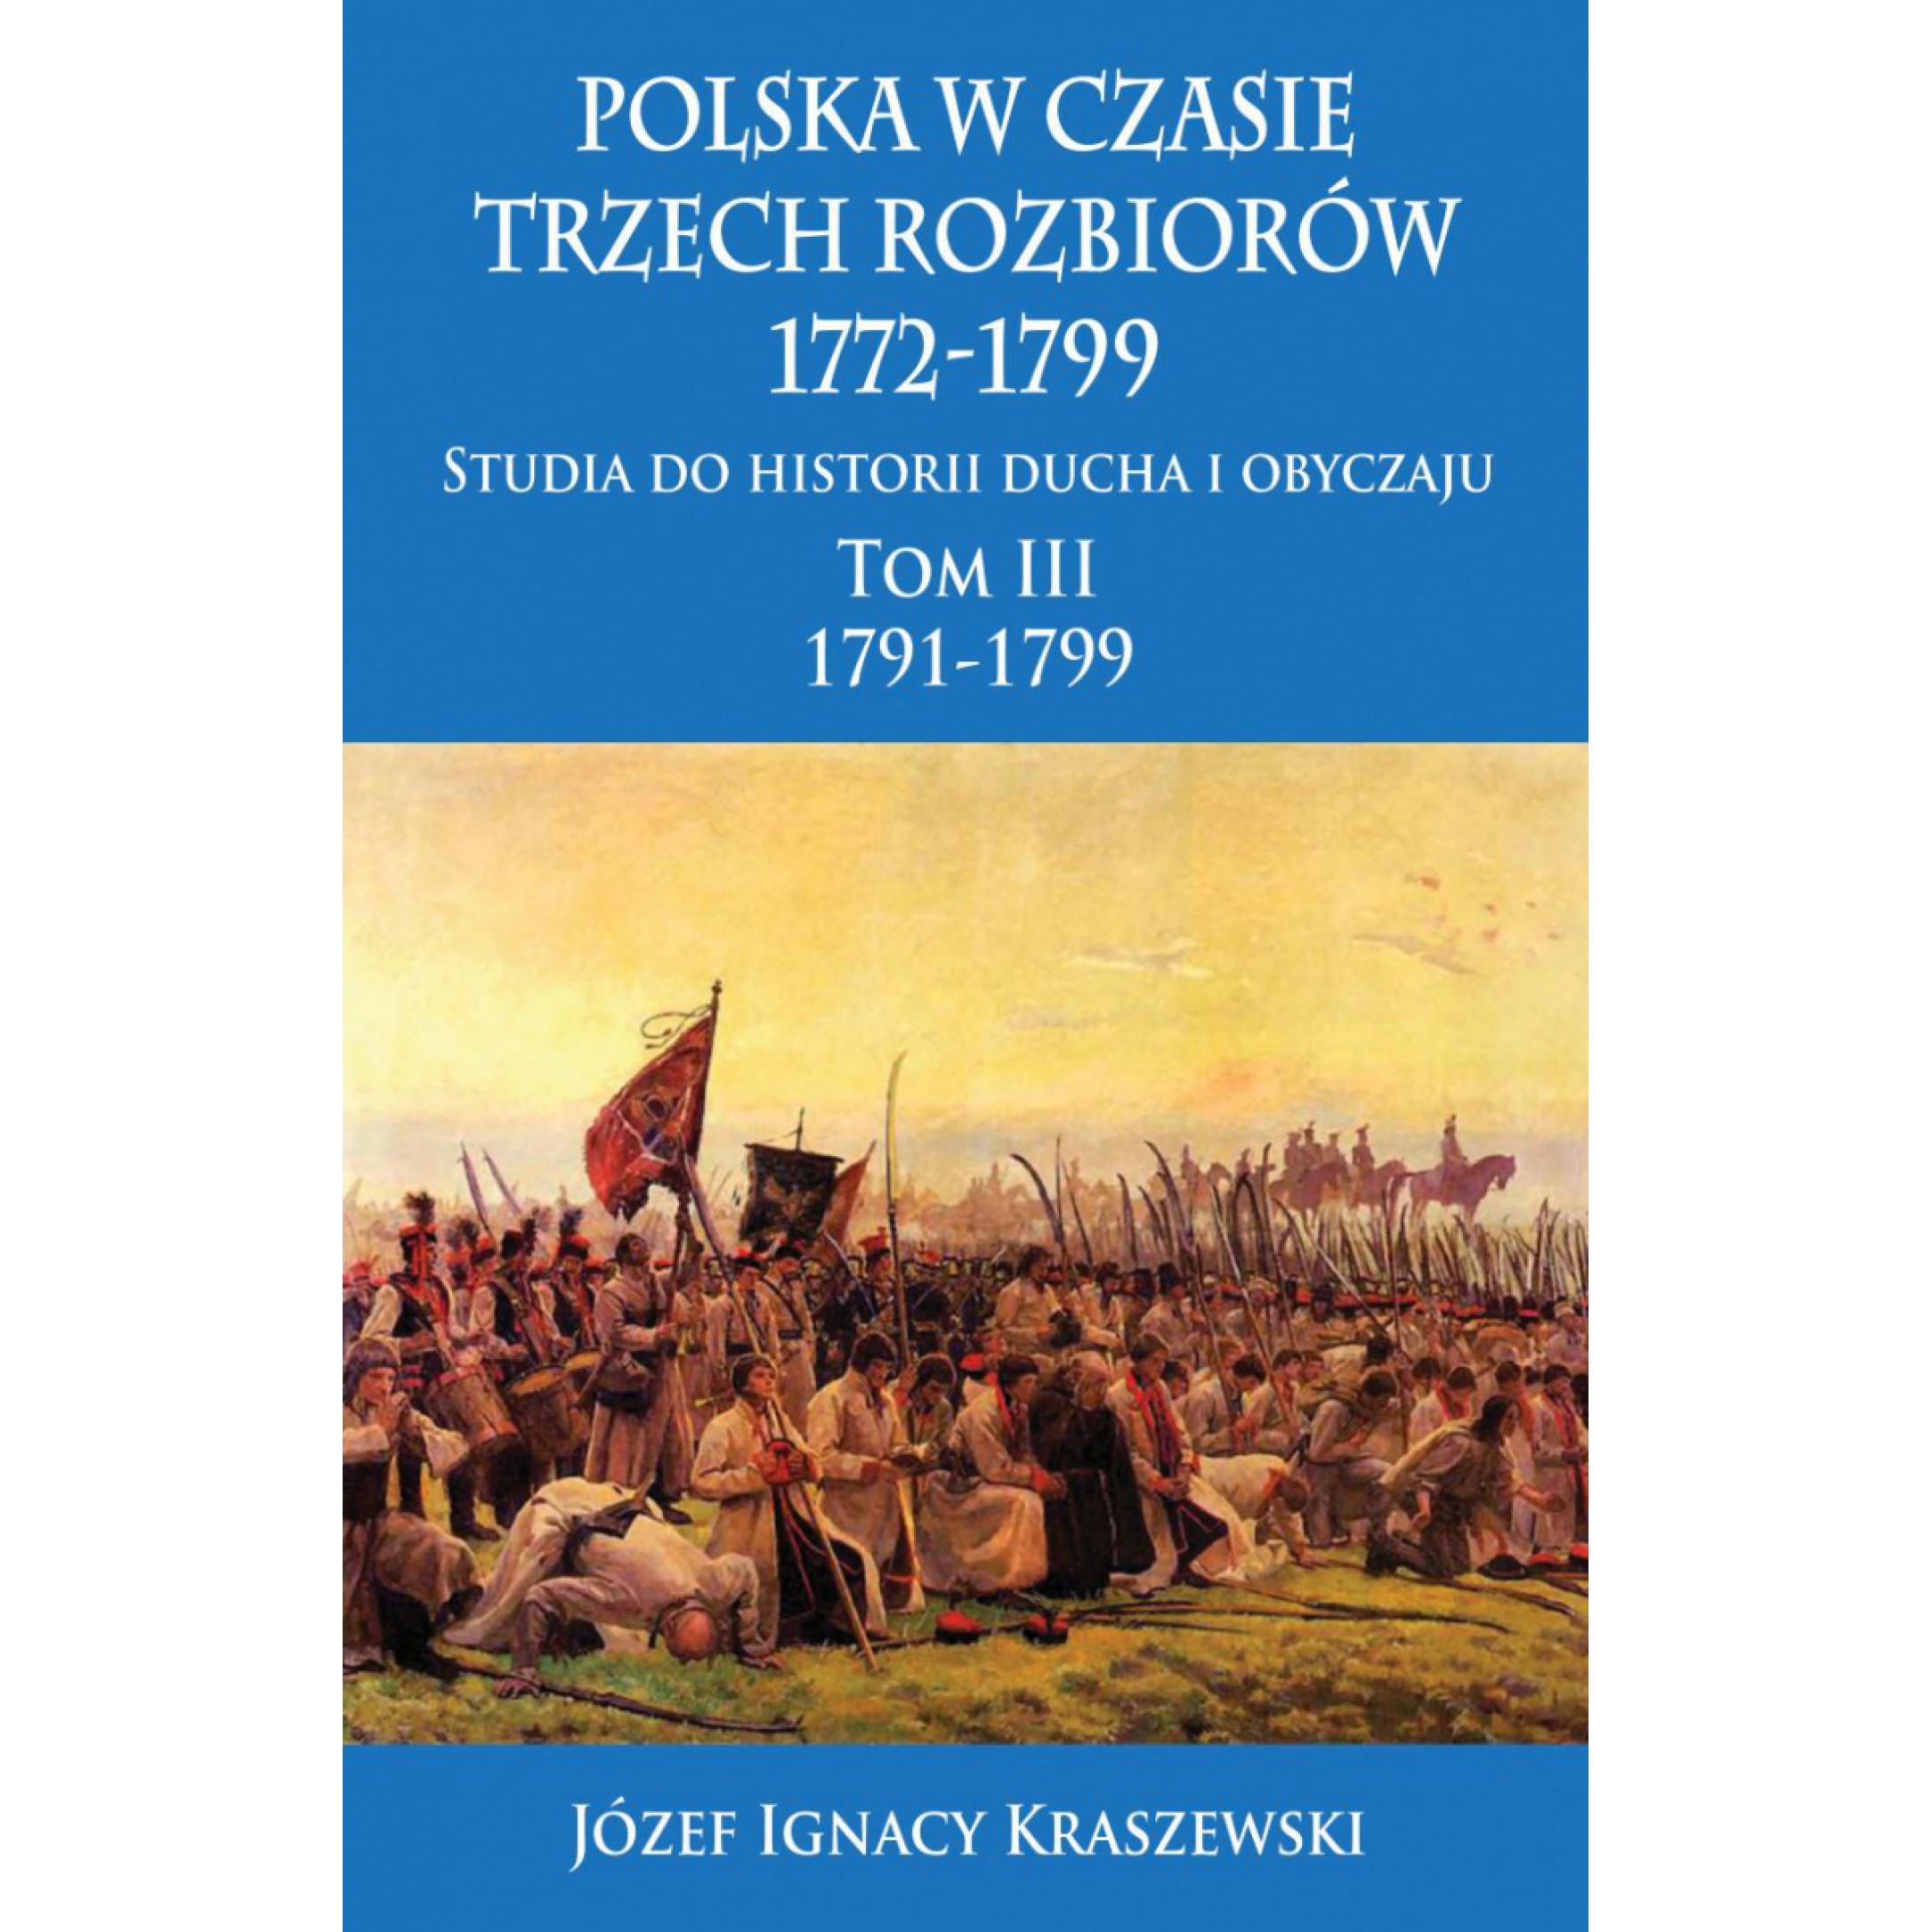 Polska w czasie trzech rozbiorów, 1772-1799. Tom III 1791-1799